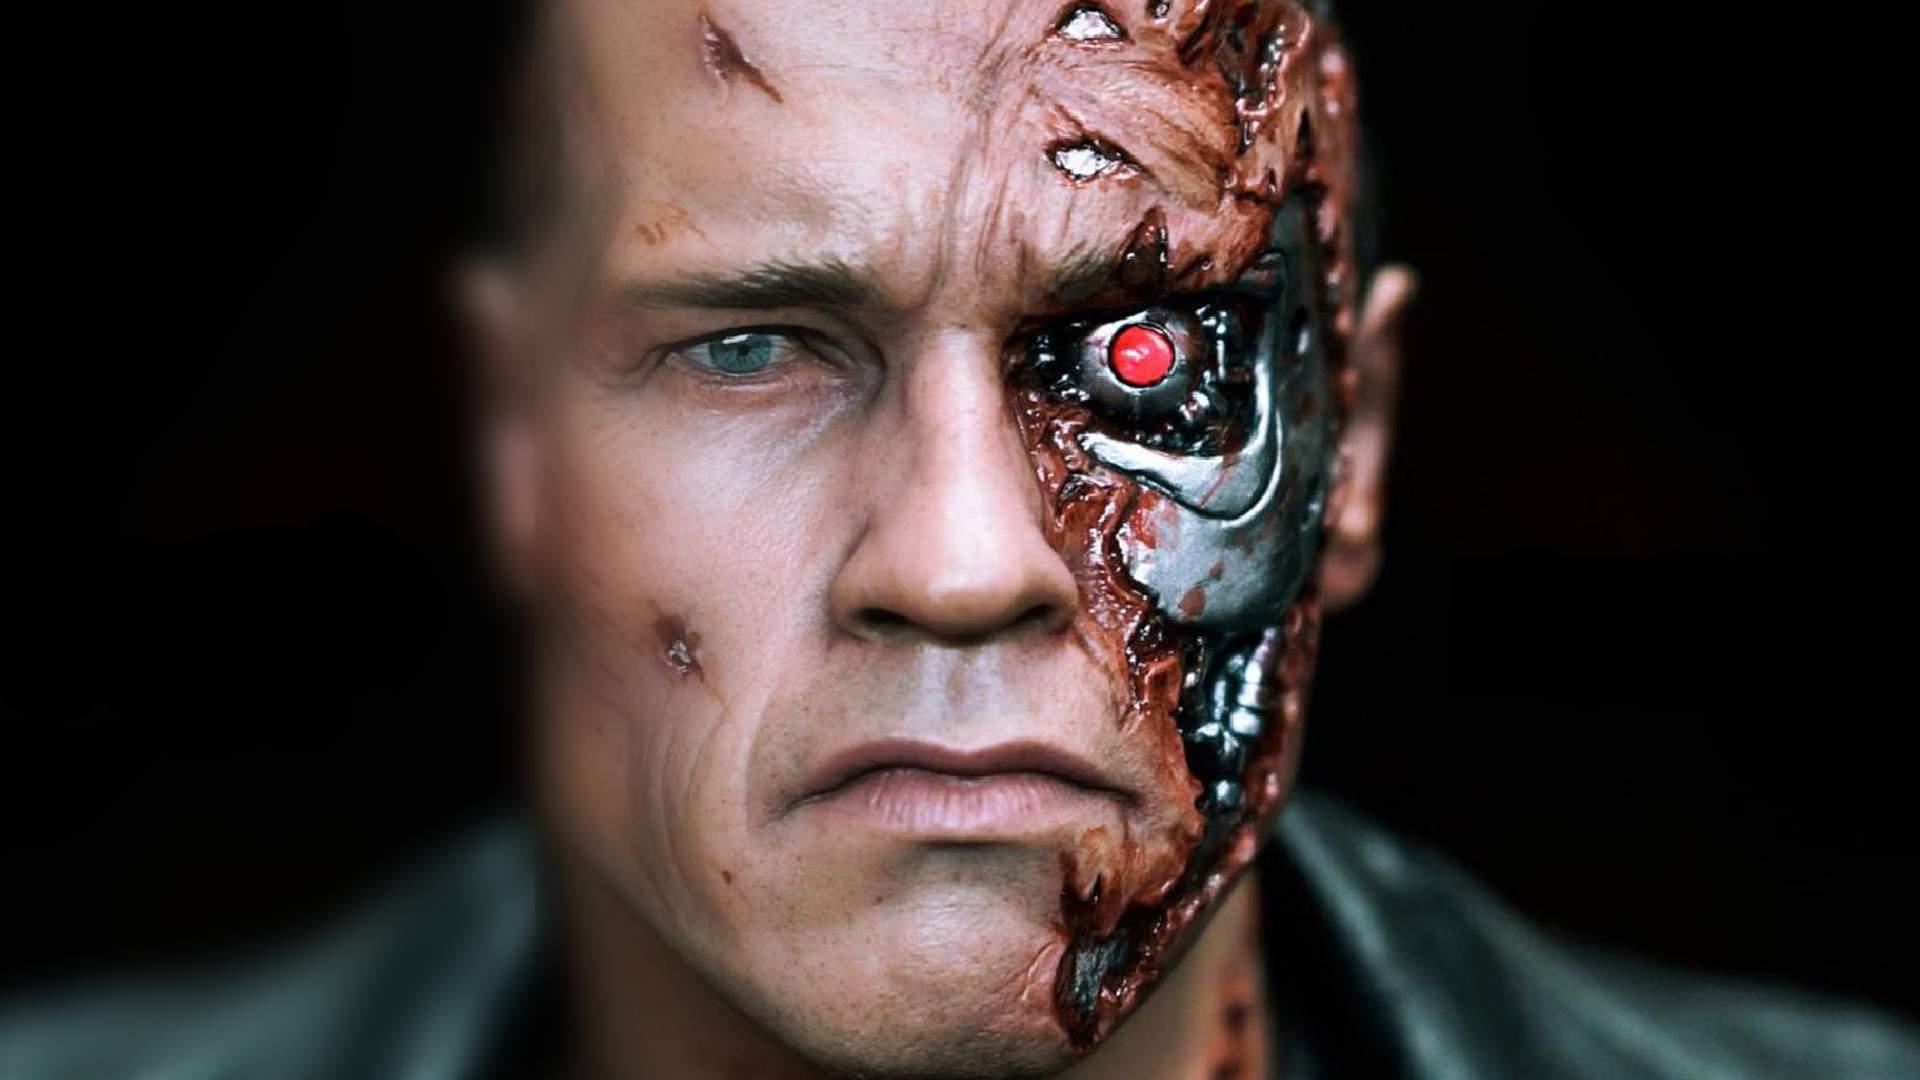 ENDLICH: Der erste Trailer zu 'Terminator 6' bringt Sarah Connor zurück